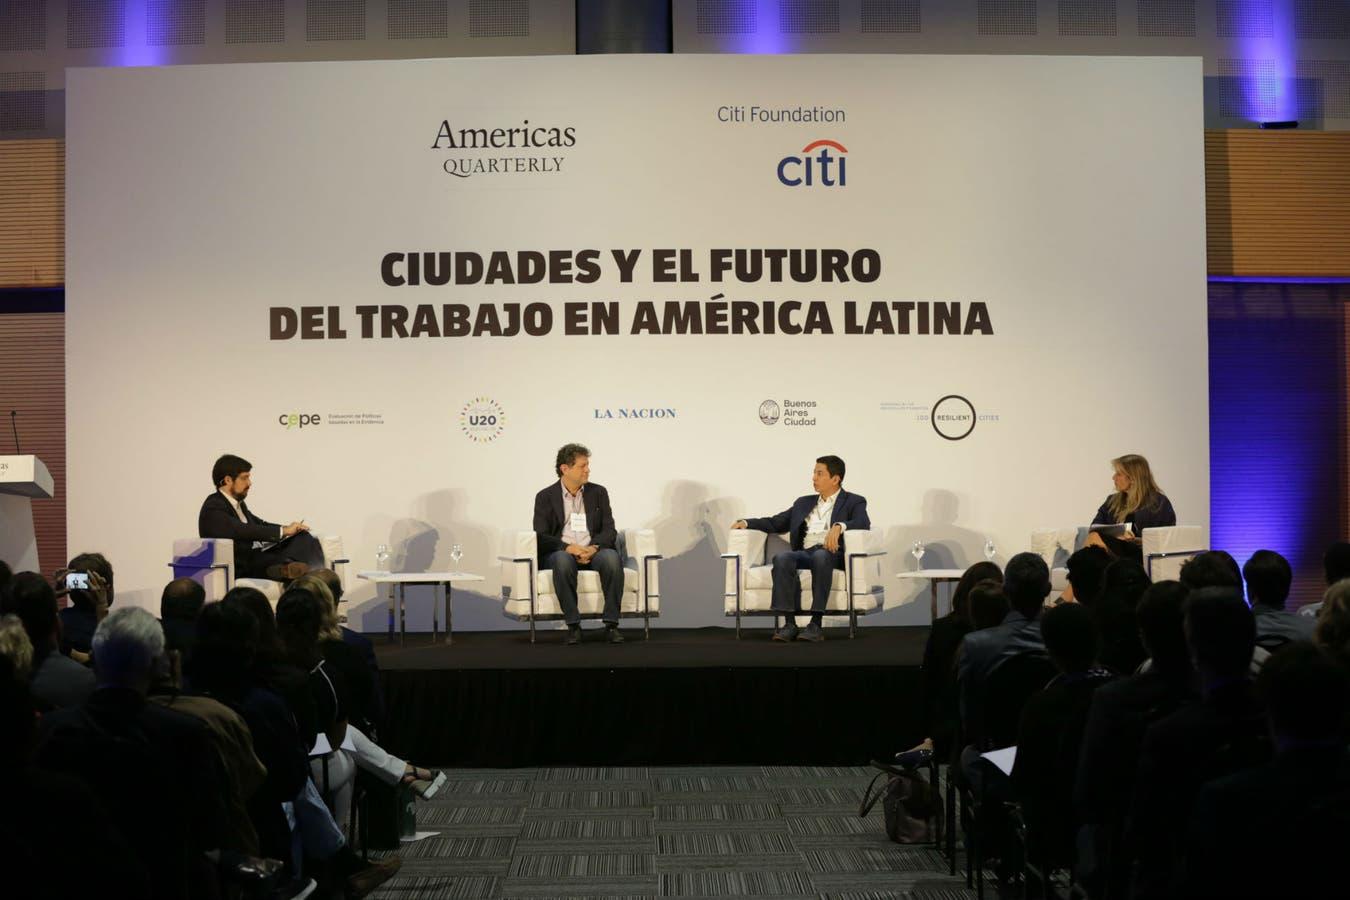 Ignacio Federico, Eduardo Levy Yeyati, Ricardo Mora y Carmen Arancibia, los participantes de uno de los paneles del evento